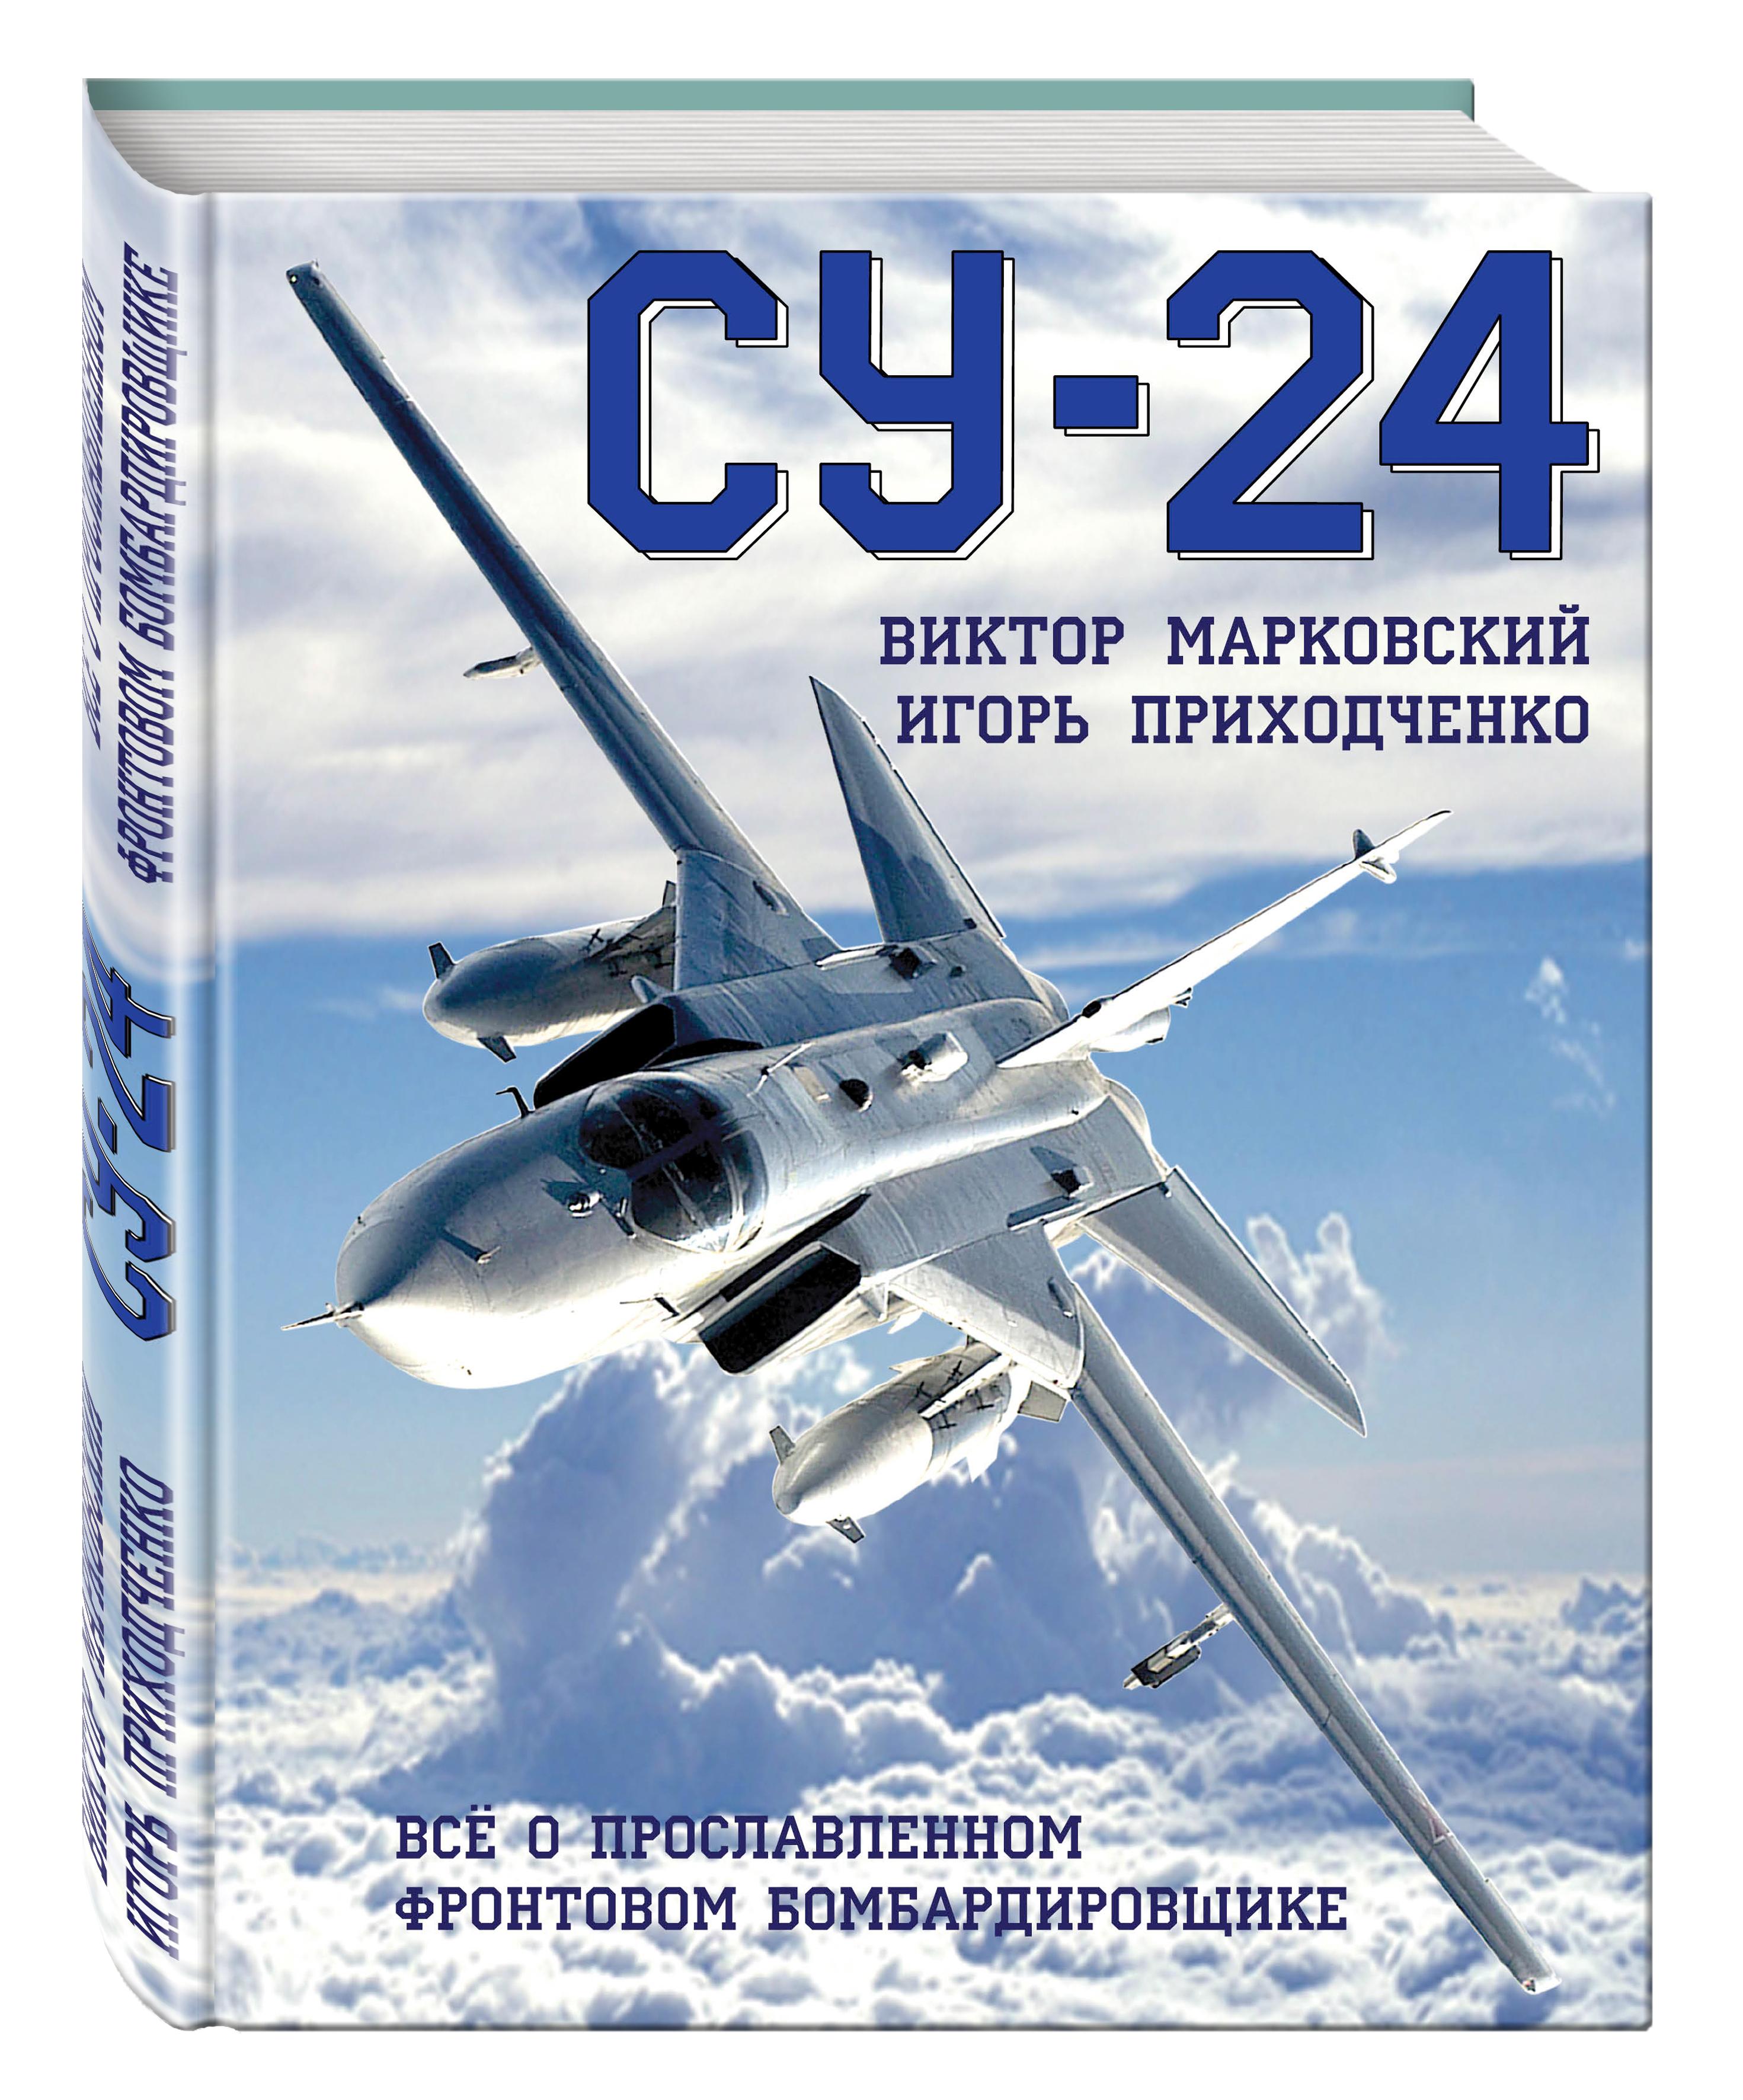 Марковский В.Ю., Приходченко И.В. Су-24. Всё о прославленном фронтовом бомбардировщике